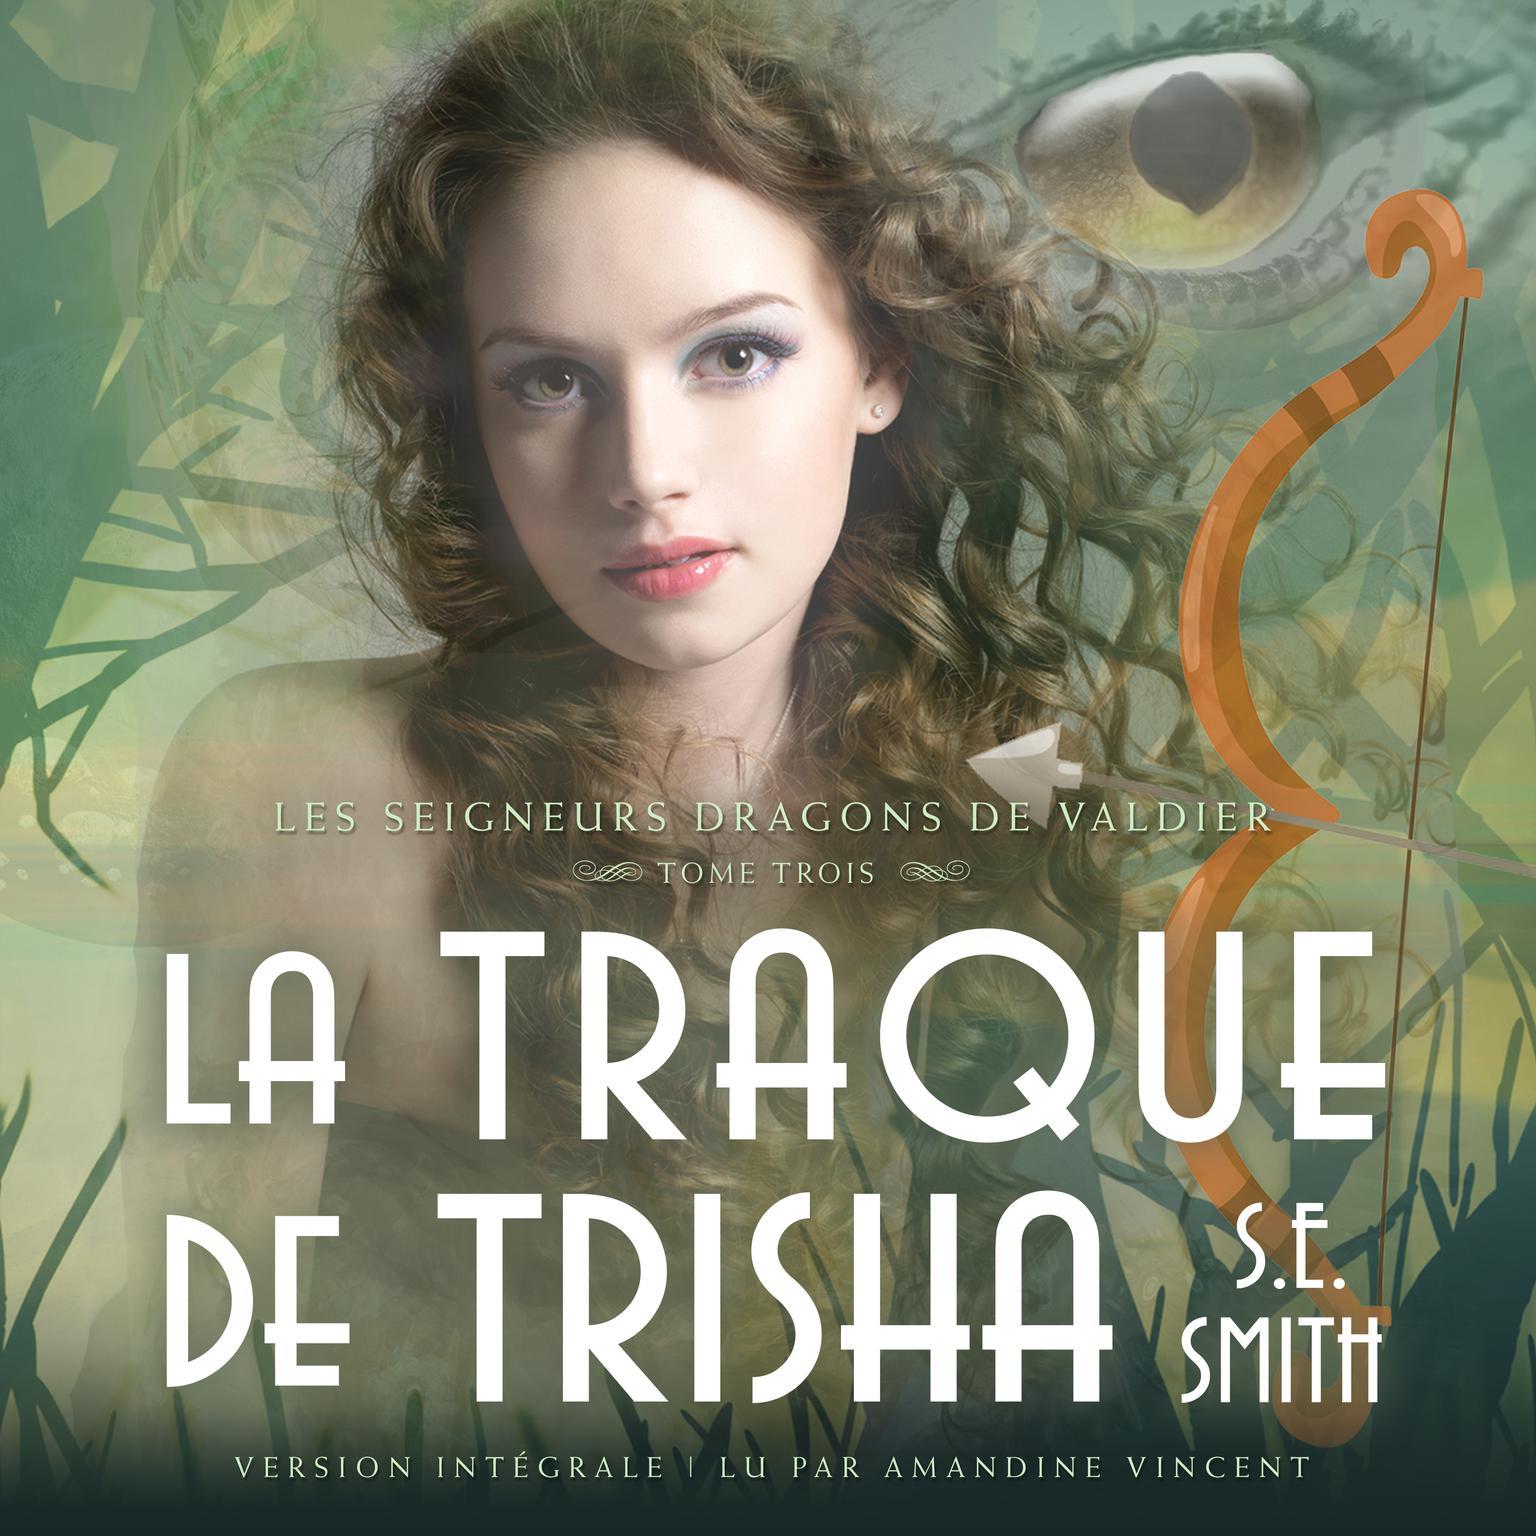 Printable La Traque de Trisha: Les Seigneurs Dragons de Valdier Tome 3 Audiobook Cover Art